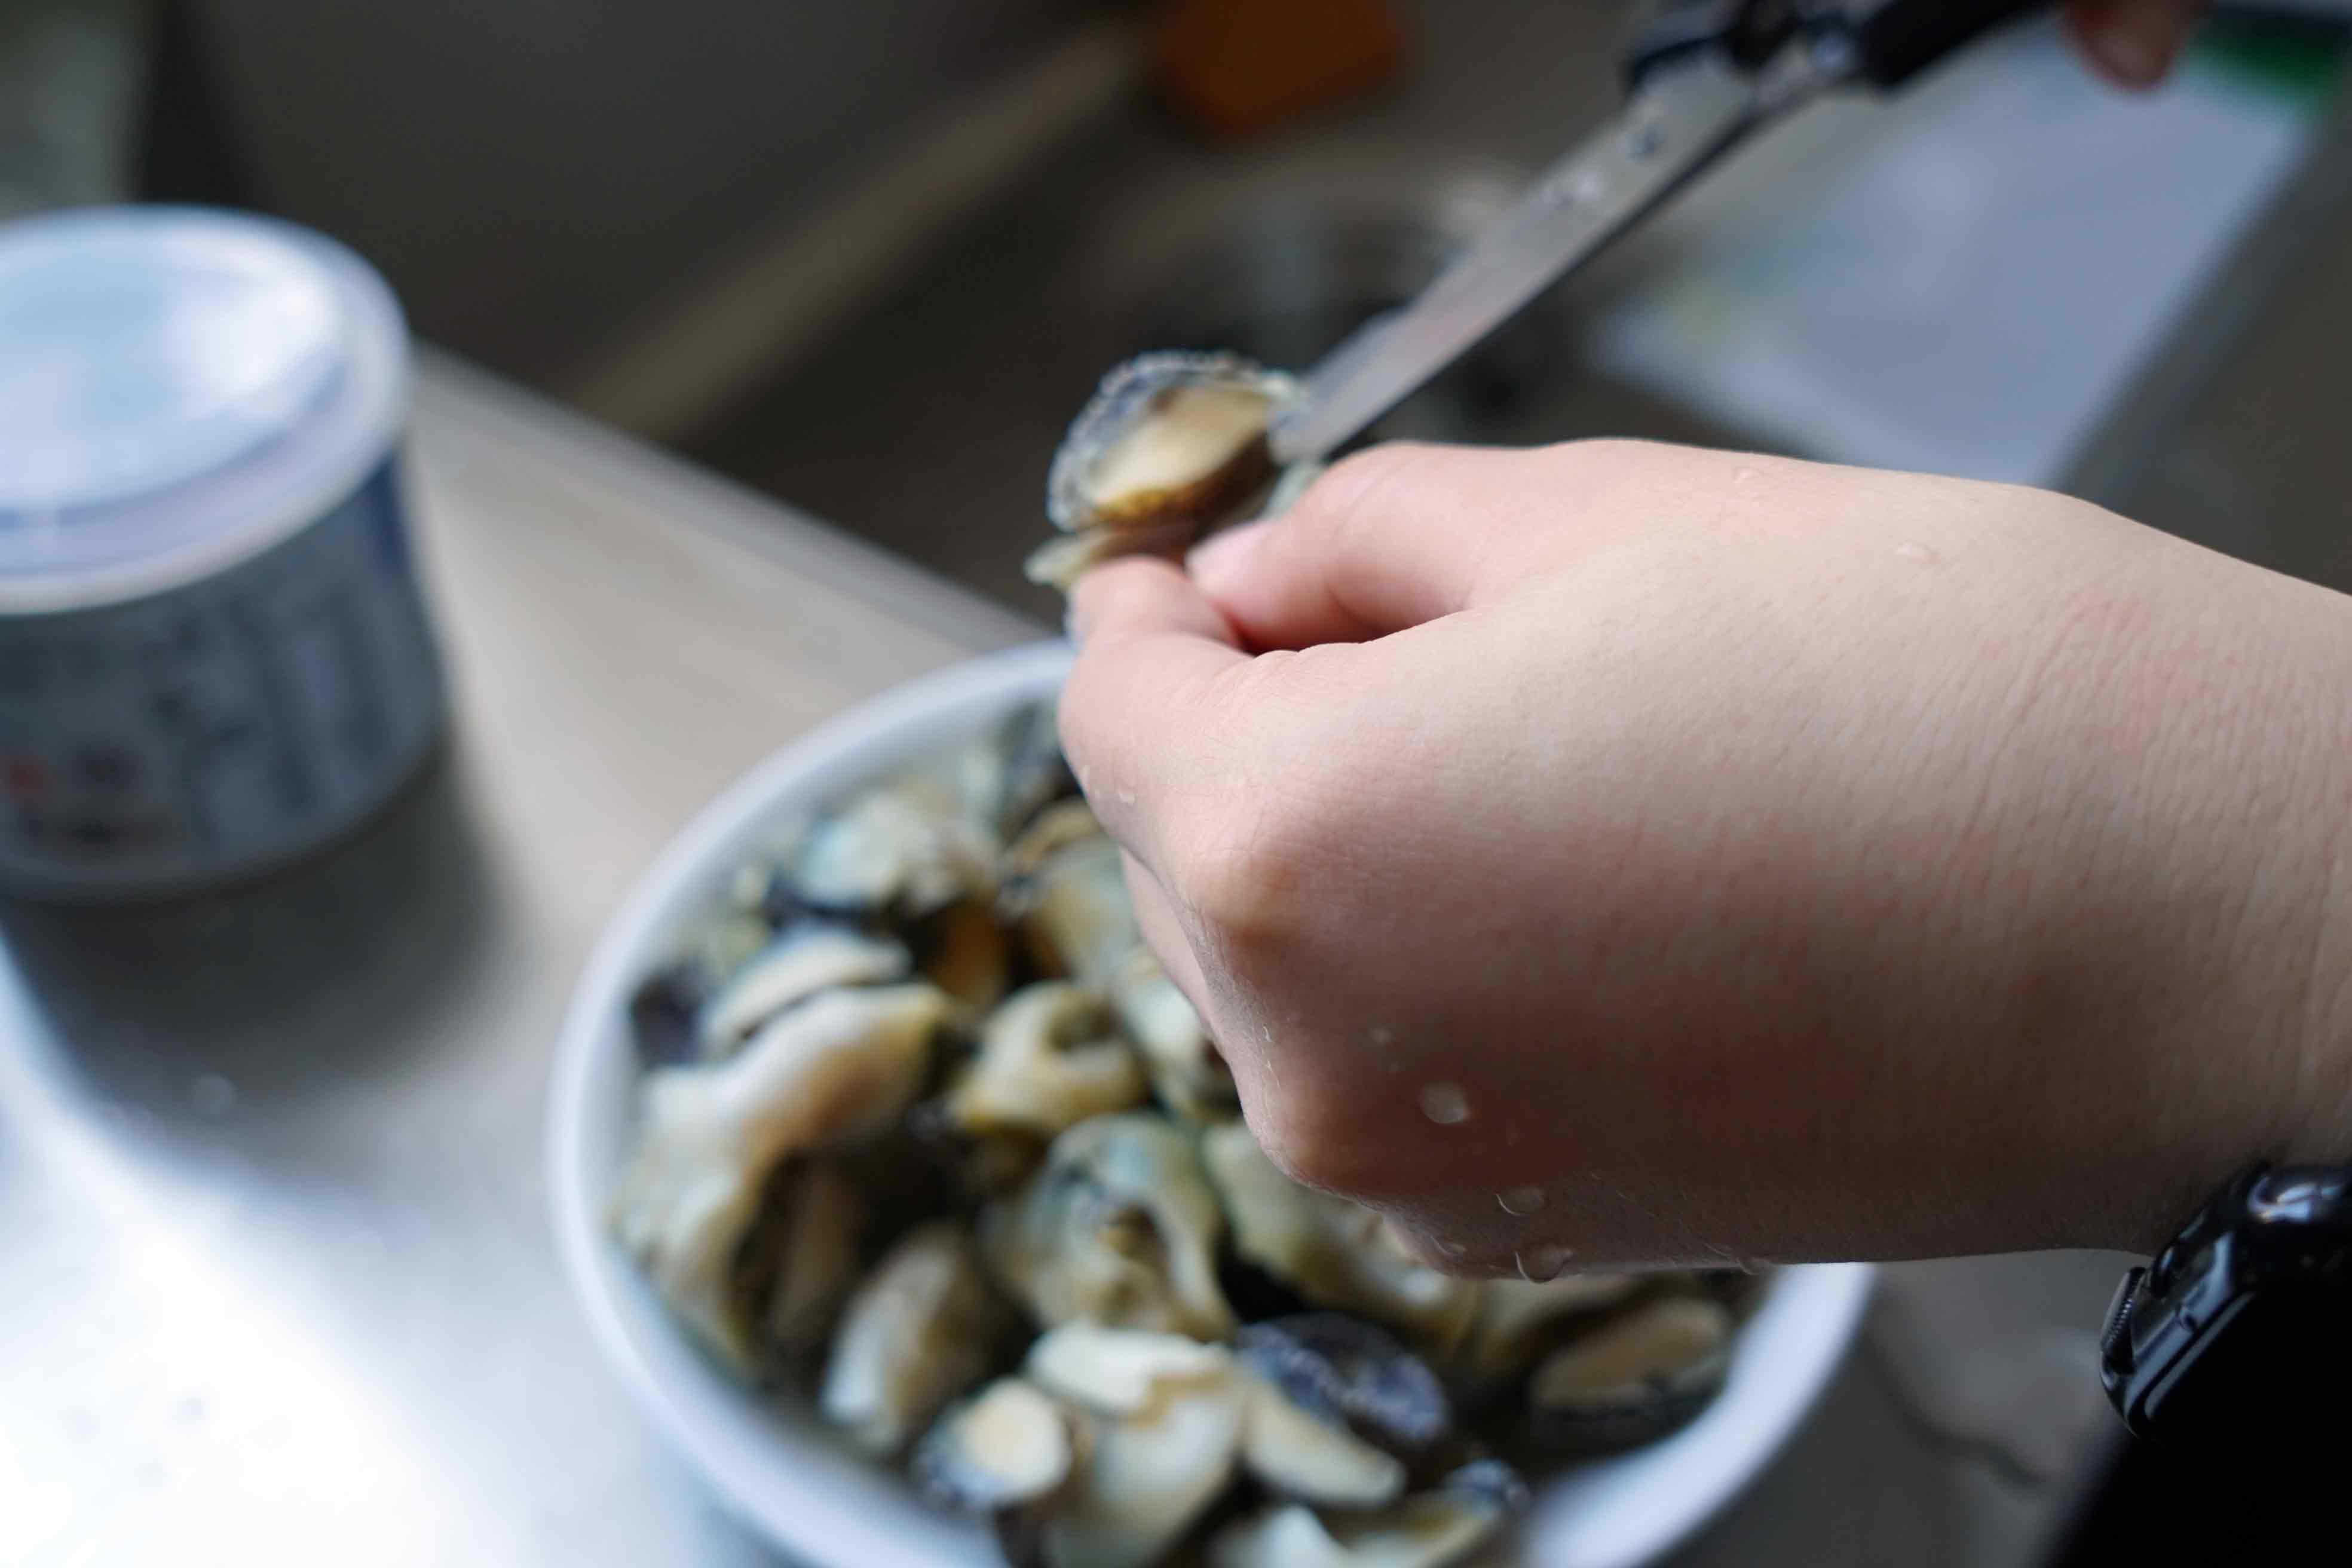 【熱炒在家煮】三杯海螺肉 經典熱炒下酒菜